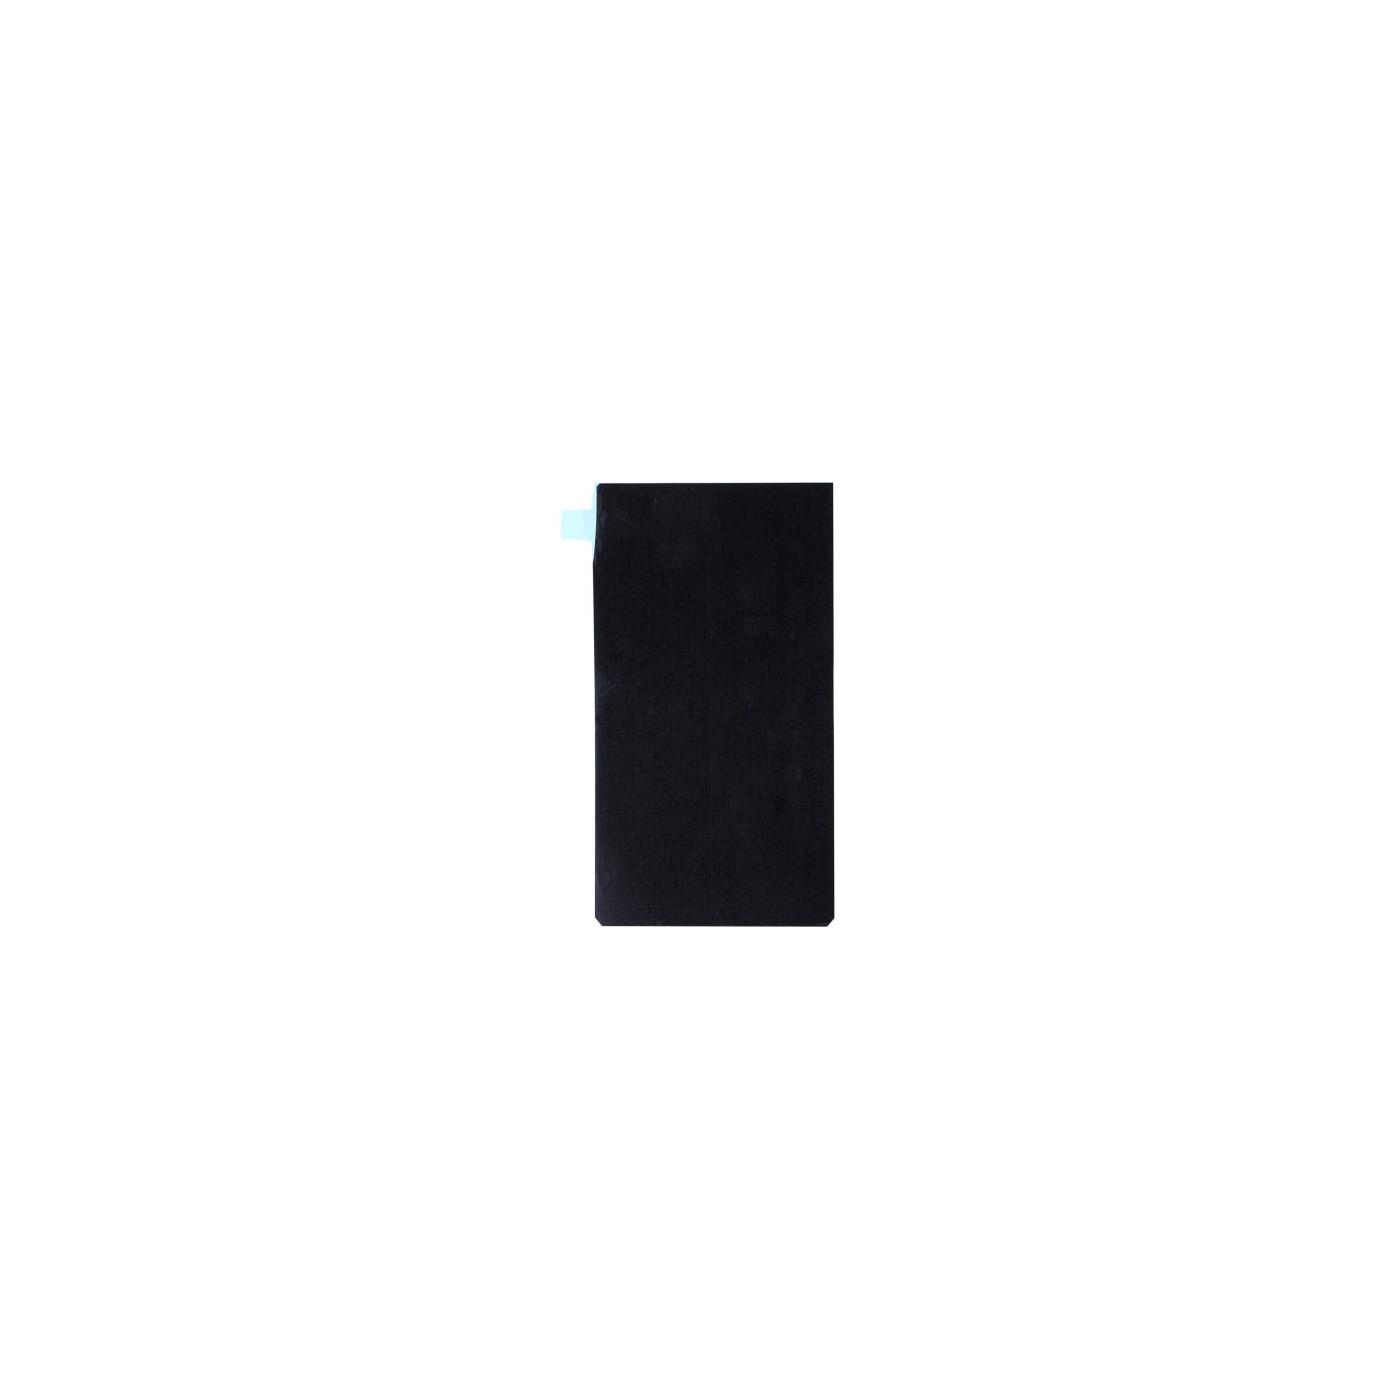 ADHÉSIF RETRO LCD Samsung Galaxy S7 G930 AUTOCOLLANT AVANT ARRIÈRE COLLE